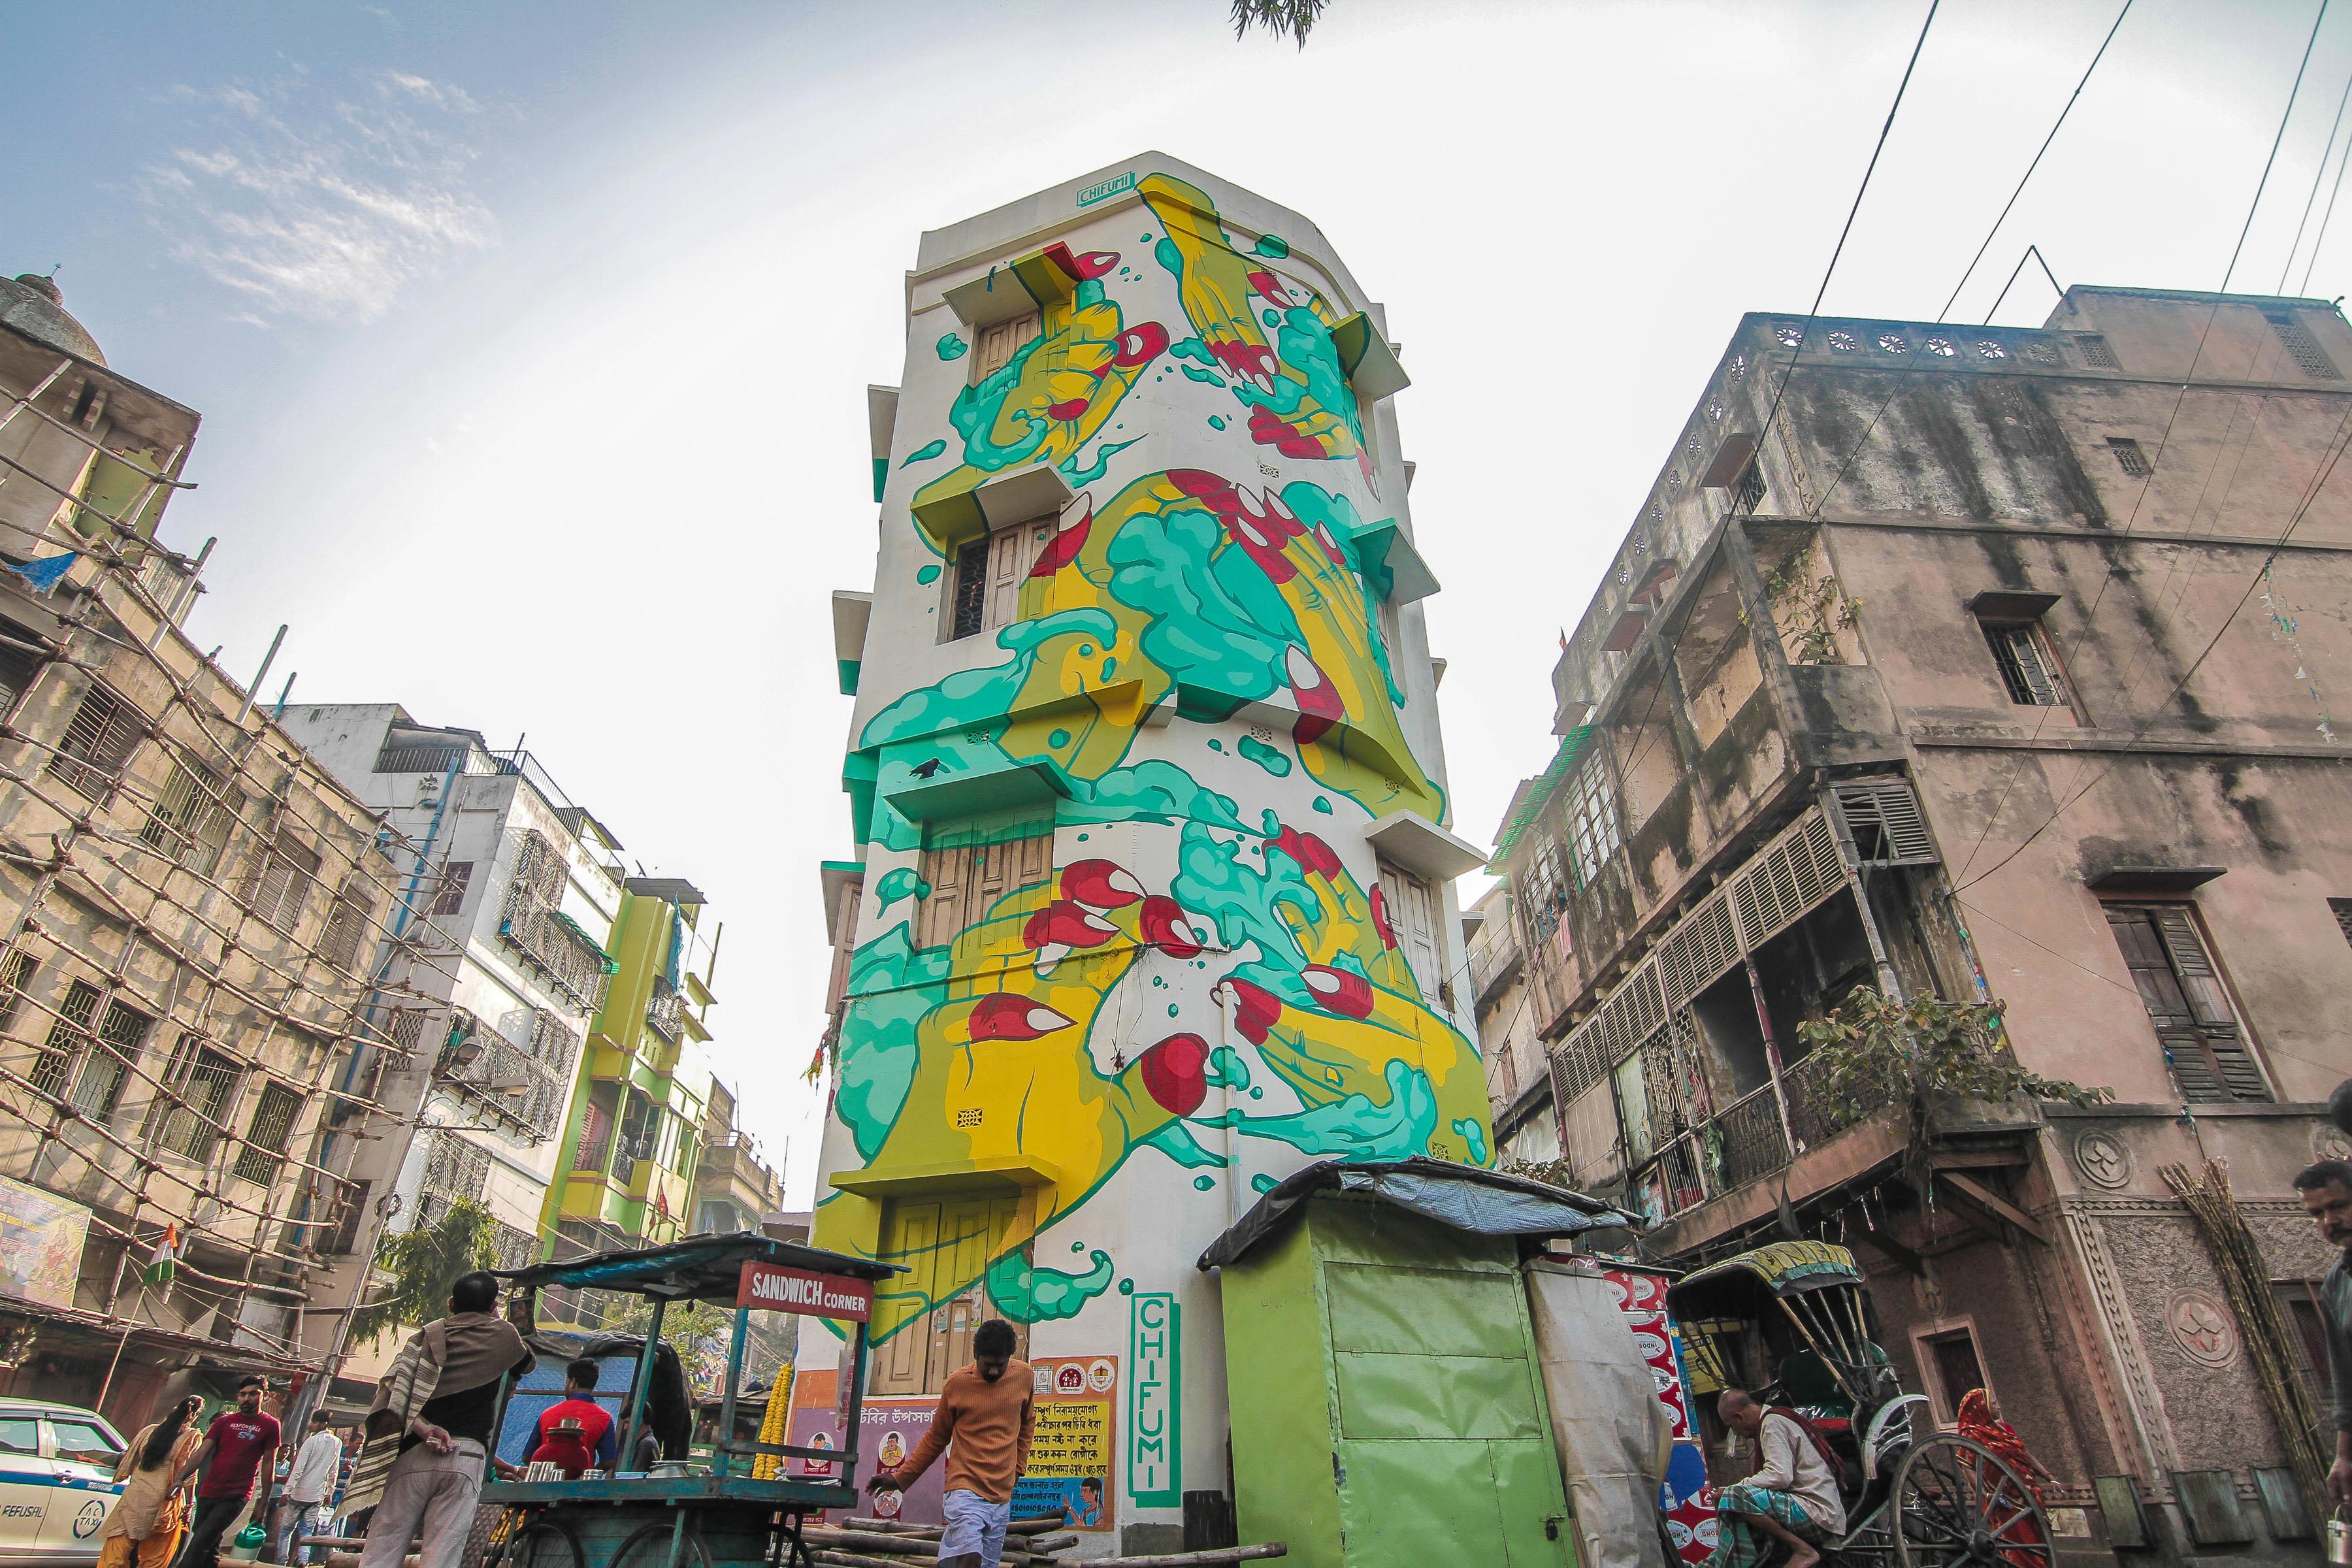 Chifumi Reveals Kolkata2018 Pranav Gohil 3